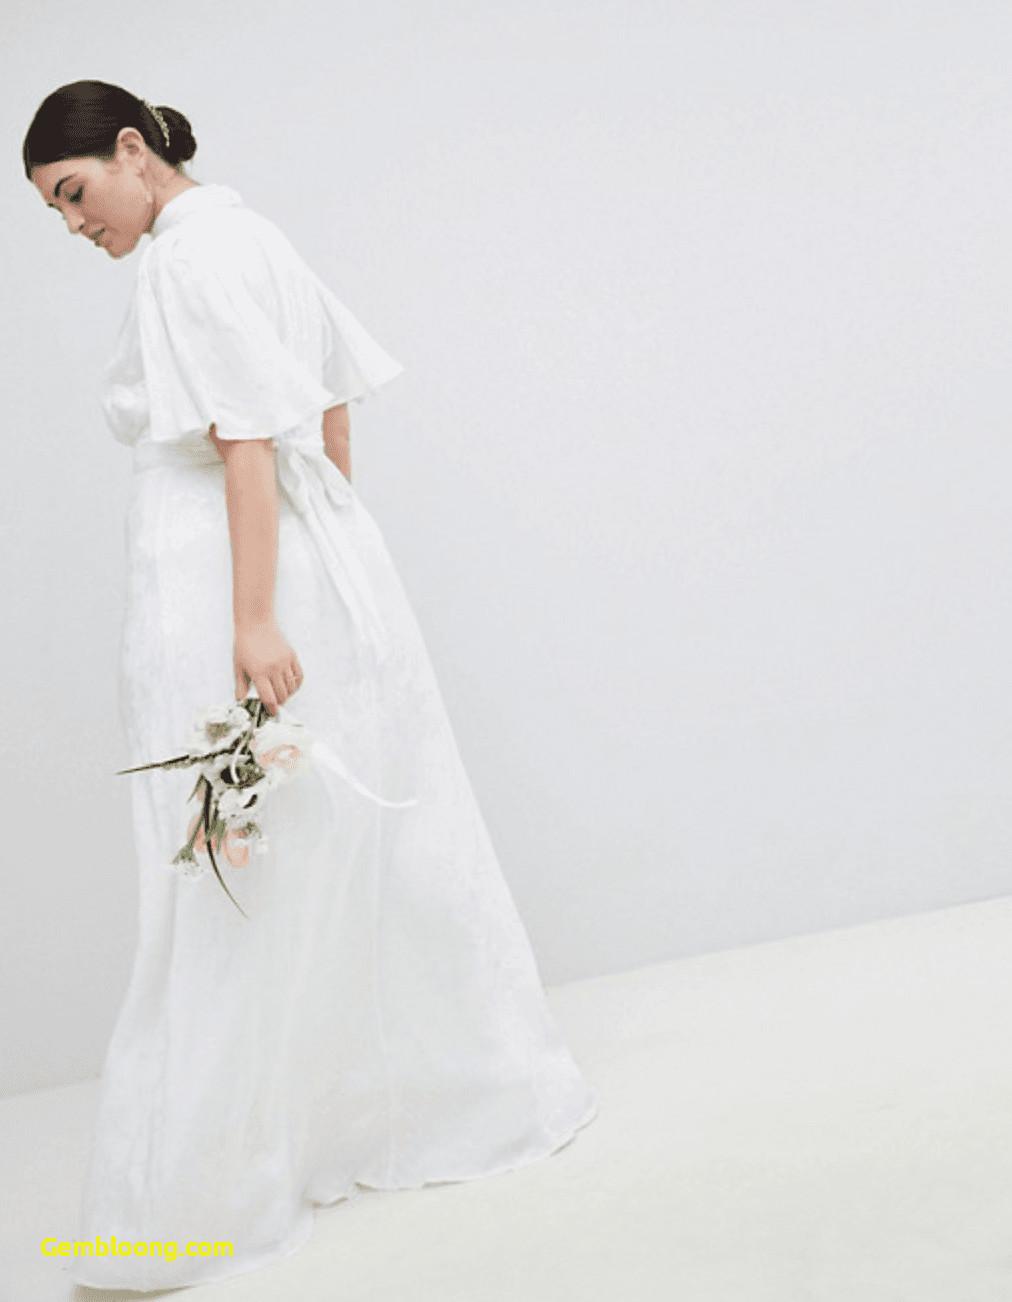 Gaun Pengantin Hijab Minimalis Best Of 7 Bahan Terbaik Yang Bisa Kamu Gunakan Untuk Gaun Pengantinmu